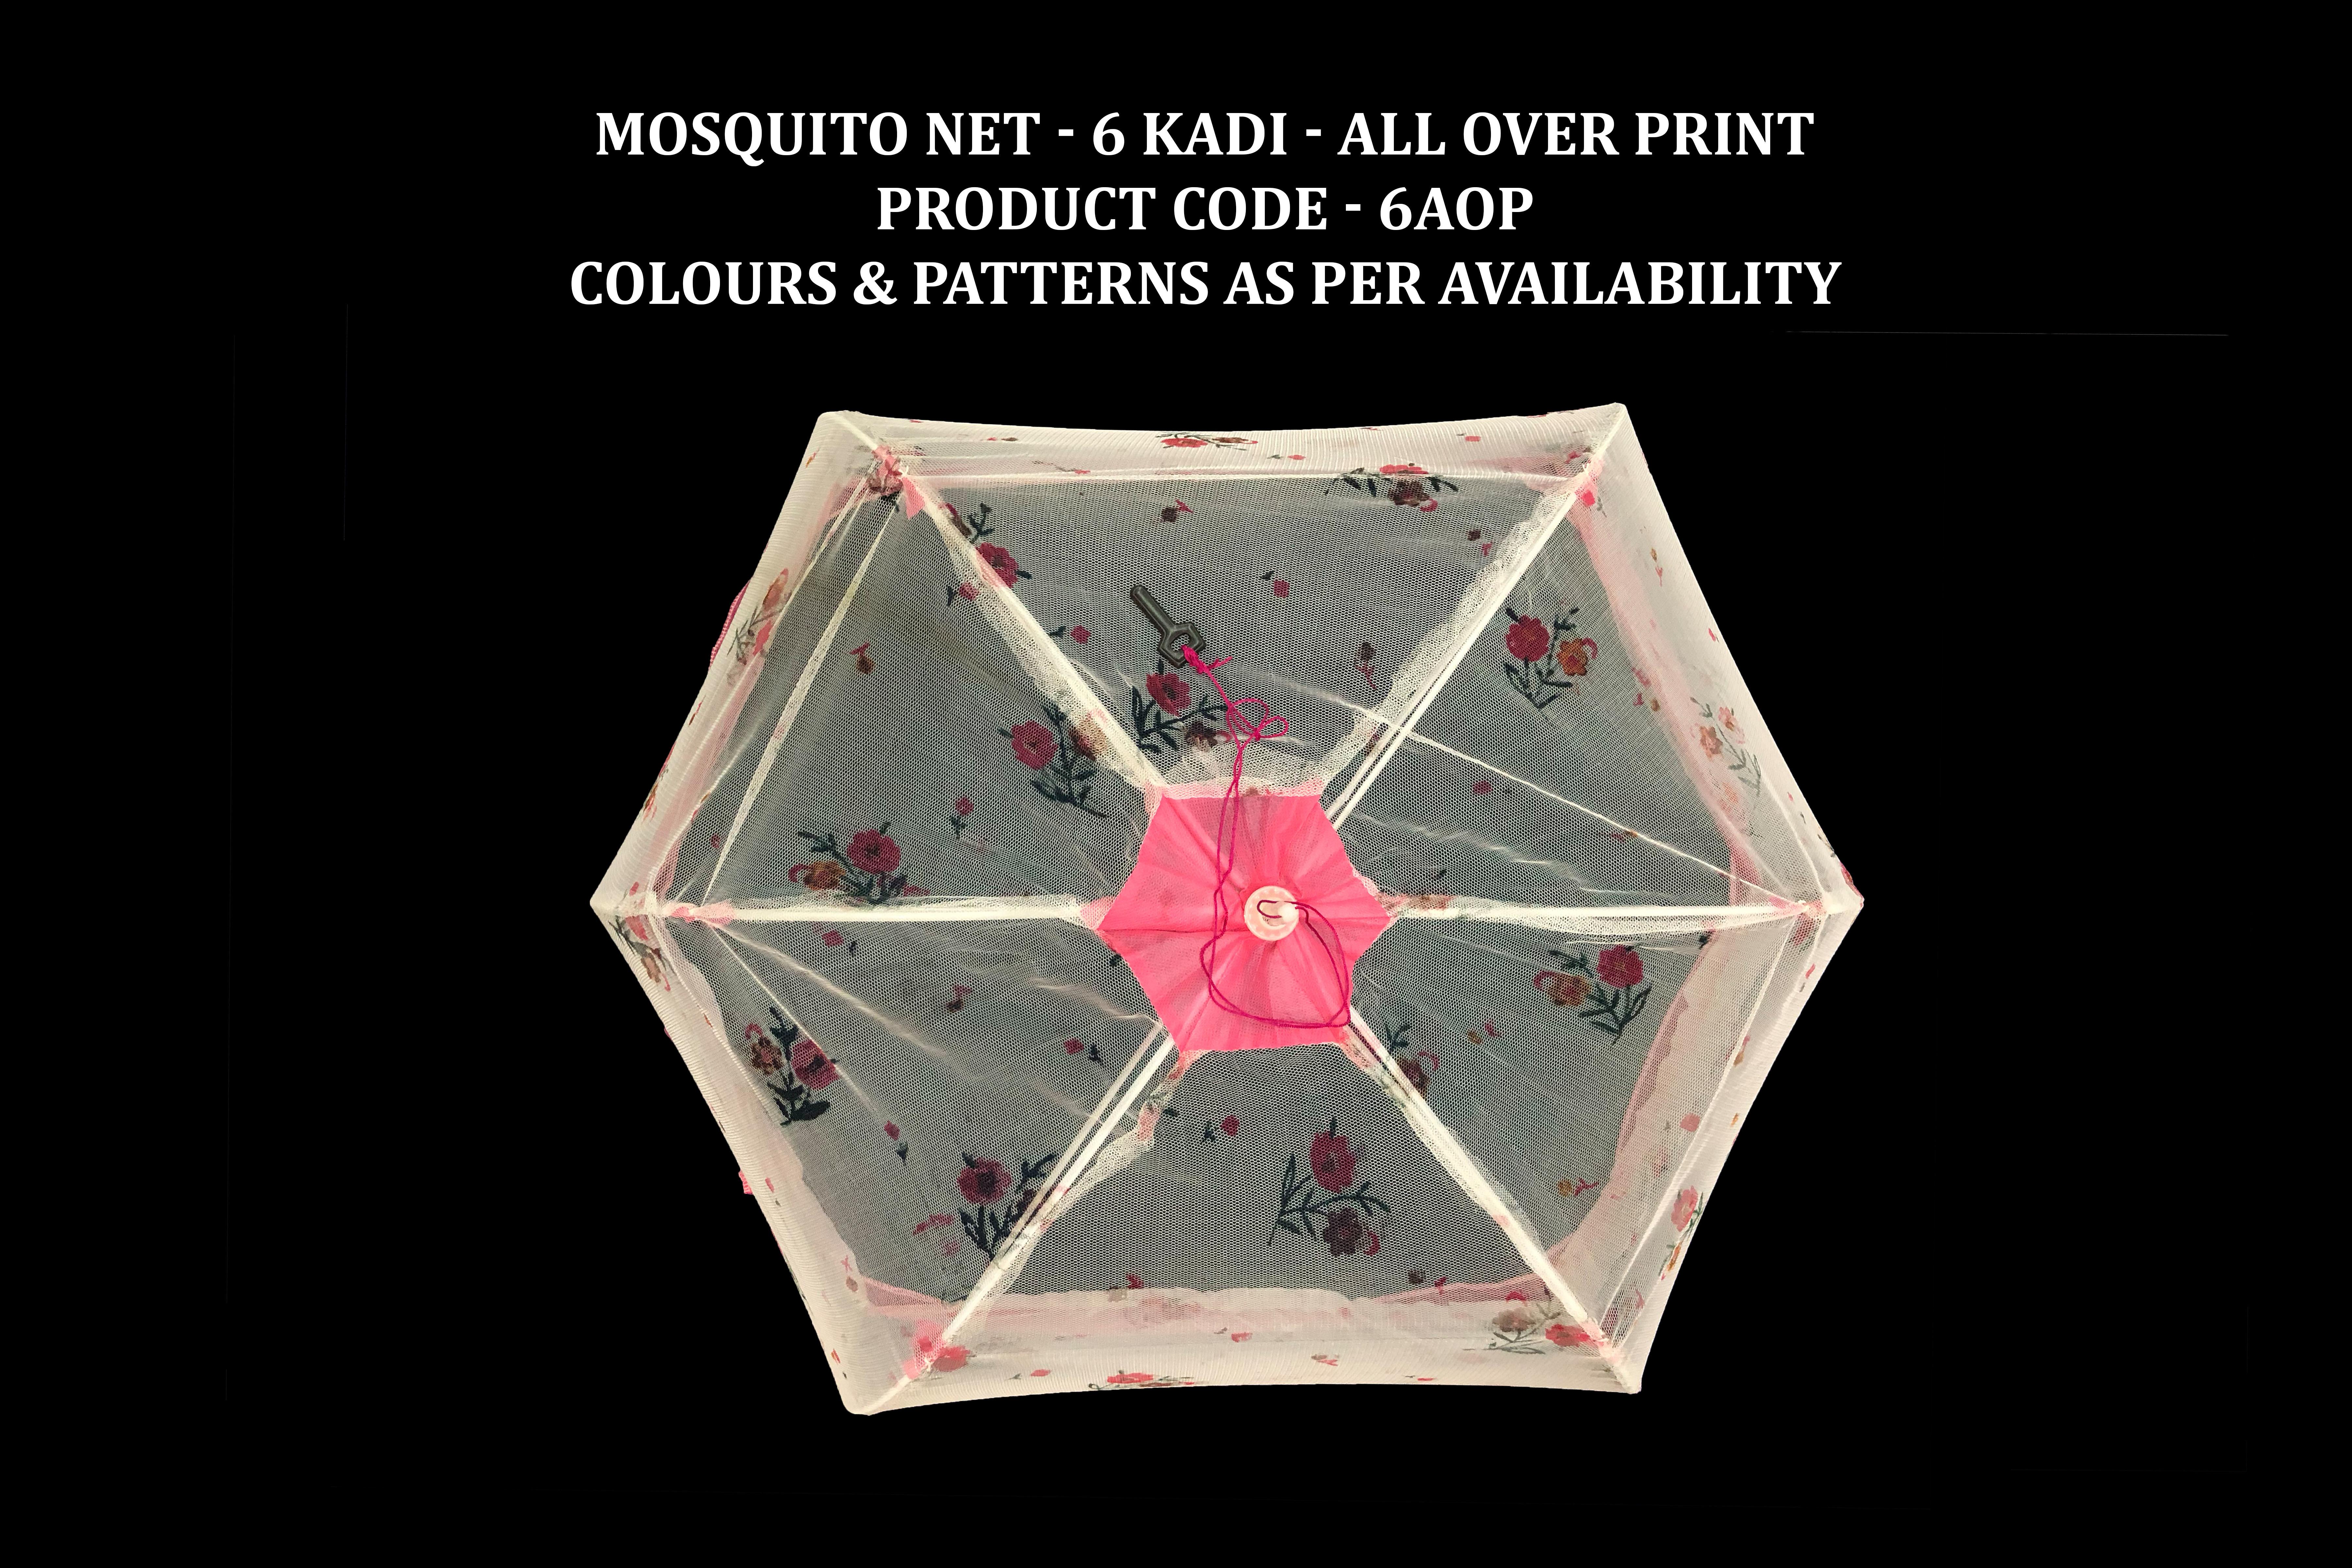 Mosquito Net - 6 Kadi Plain